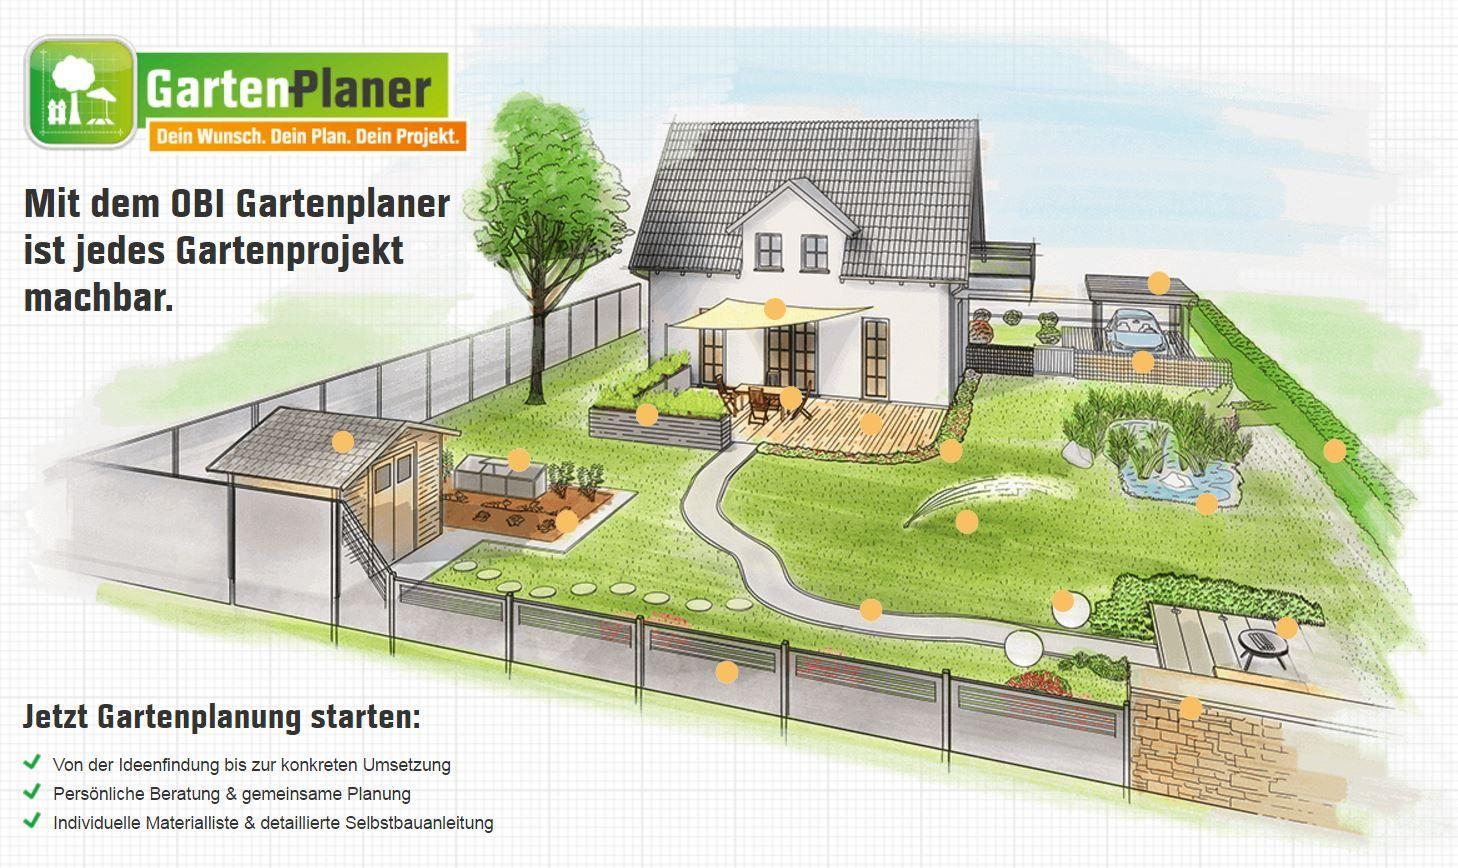 Gartenplaner jetzt garten planen gestalten mit for Garten planen mit pflanzkübel holzoptik